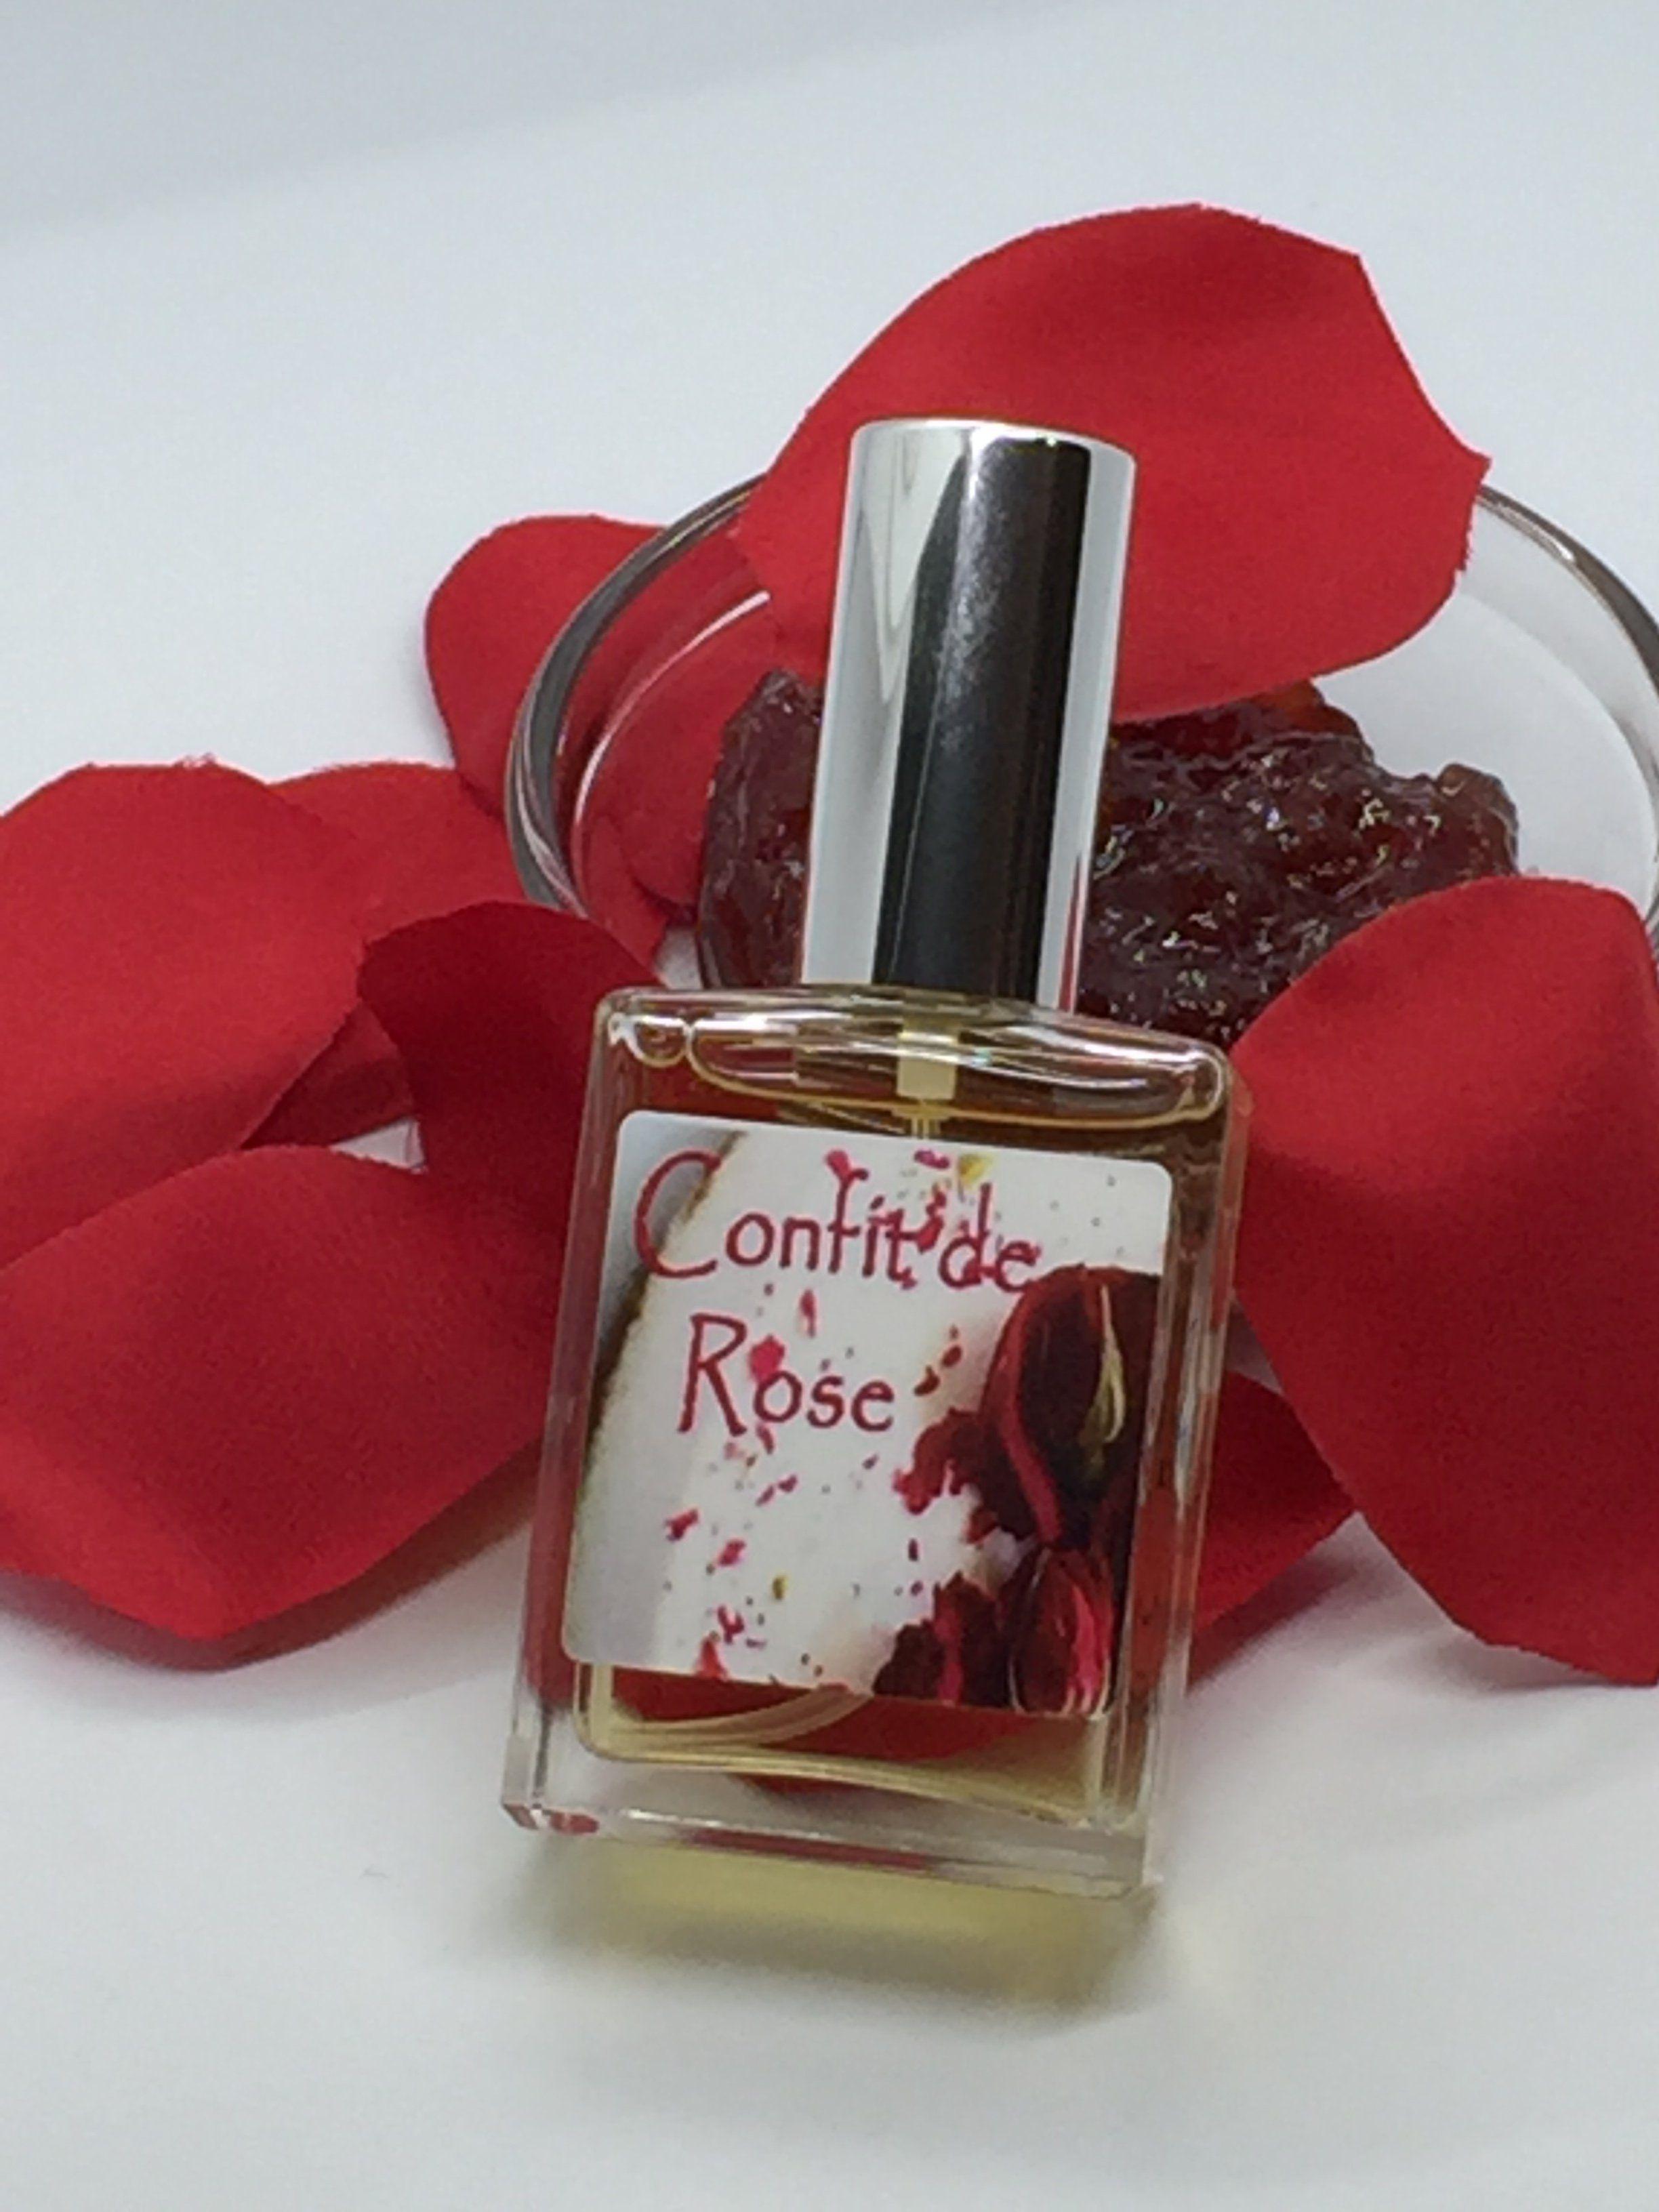 Confit de Rose EDP | perfume | Rose, Red berries, Berries